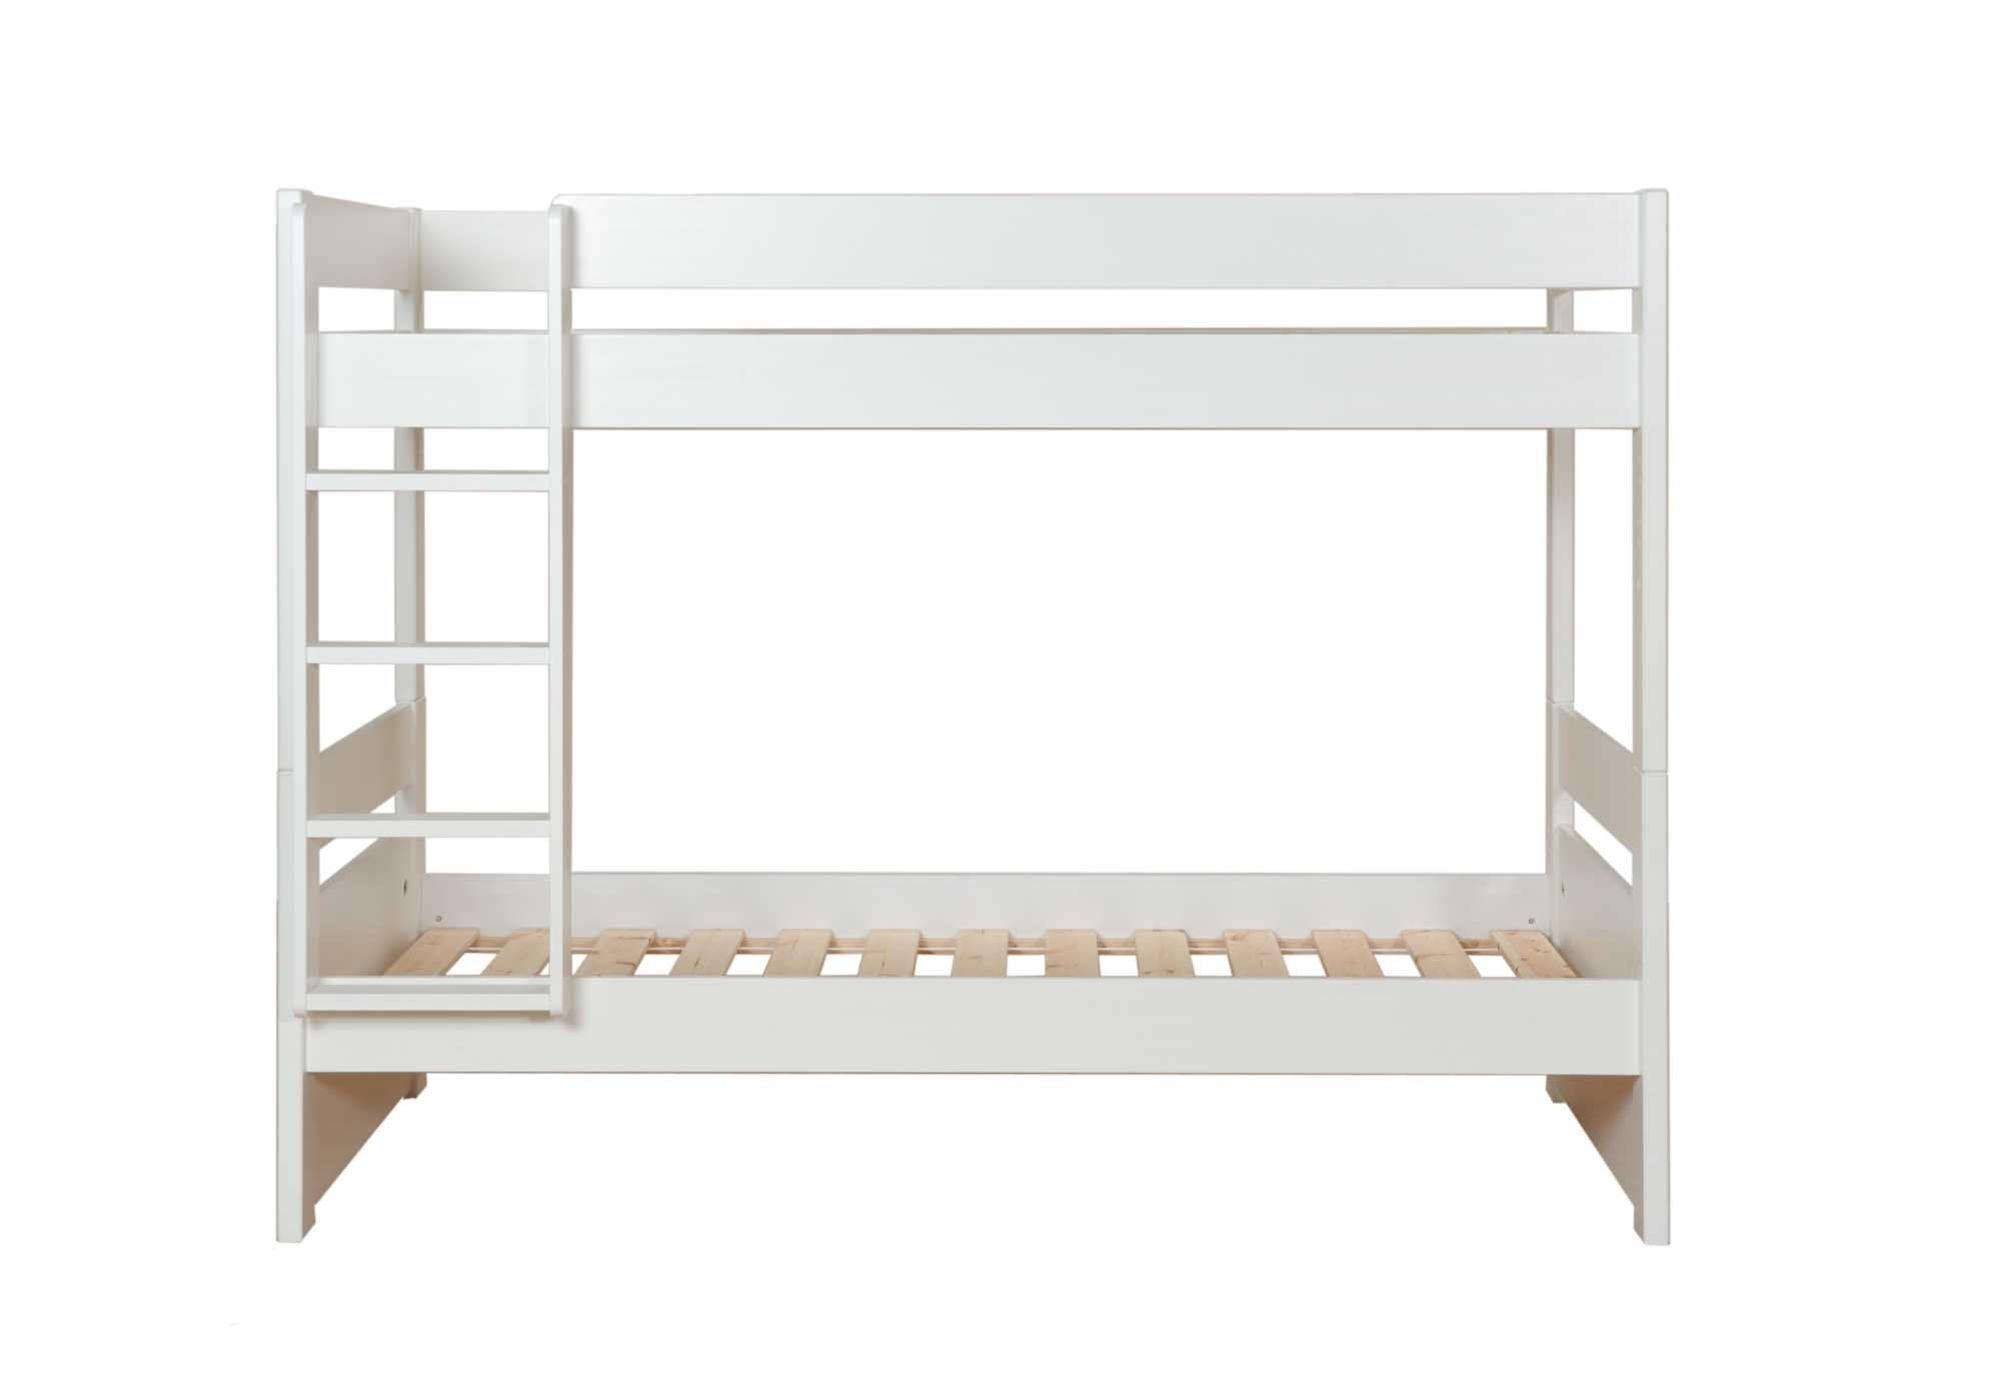 kool furniture. Plain Furniture Stompa Kool Kidu0027s Detachable Bunk Bed At Furniture Village   Beds For Kids Bedroom Storage Beds Mattresses U0026  Inside